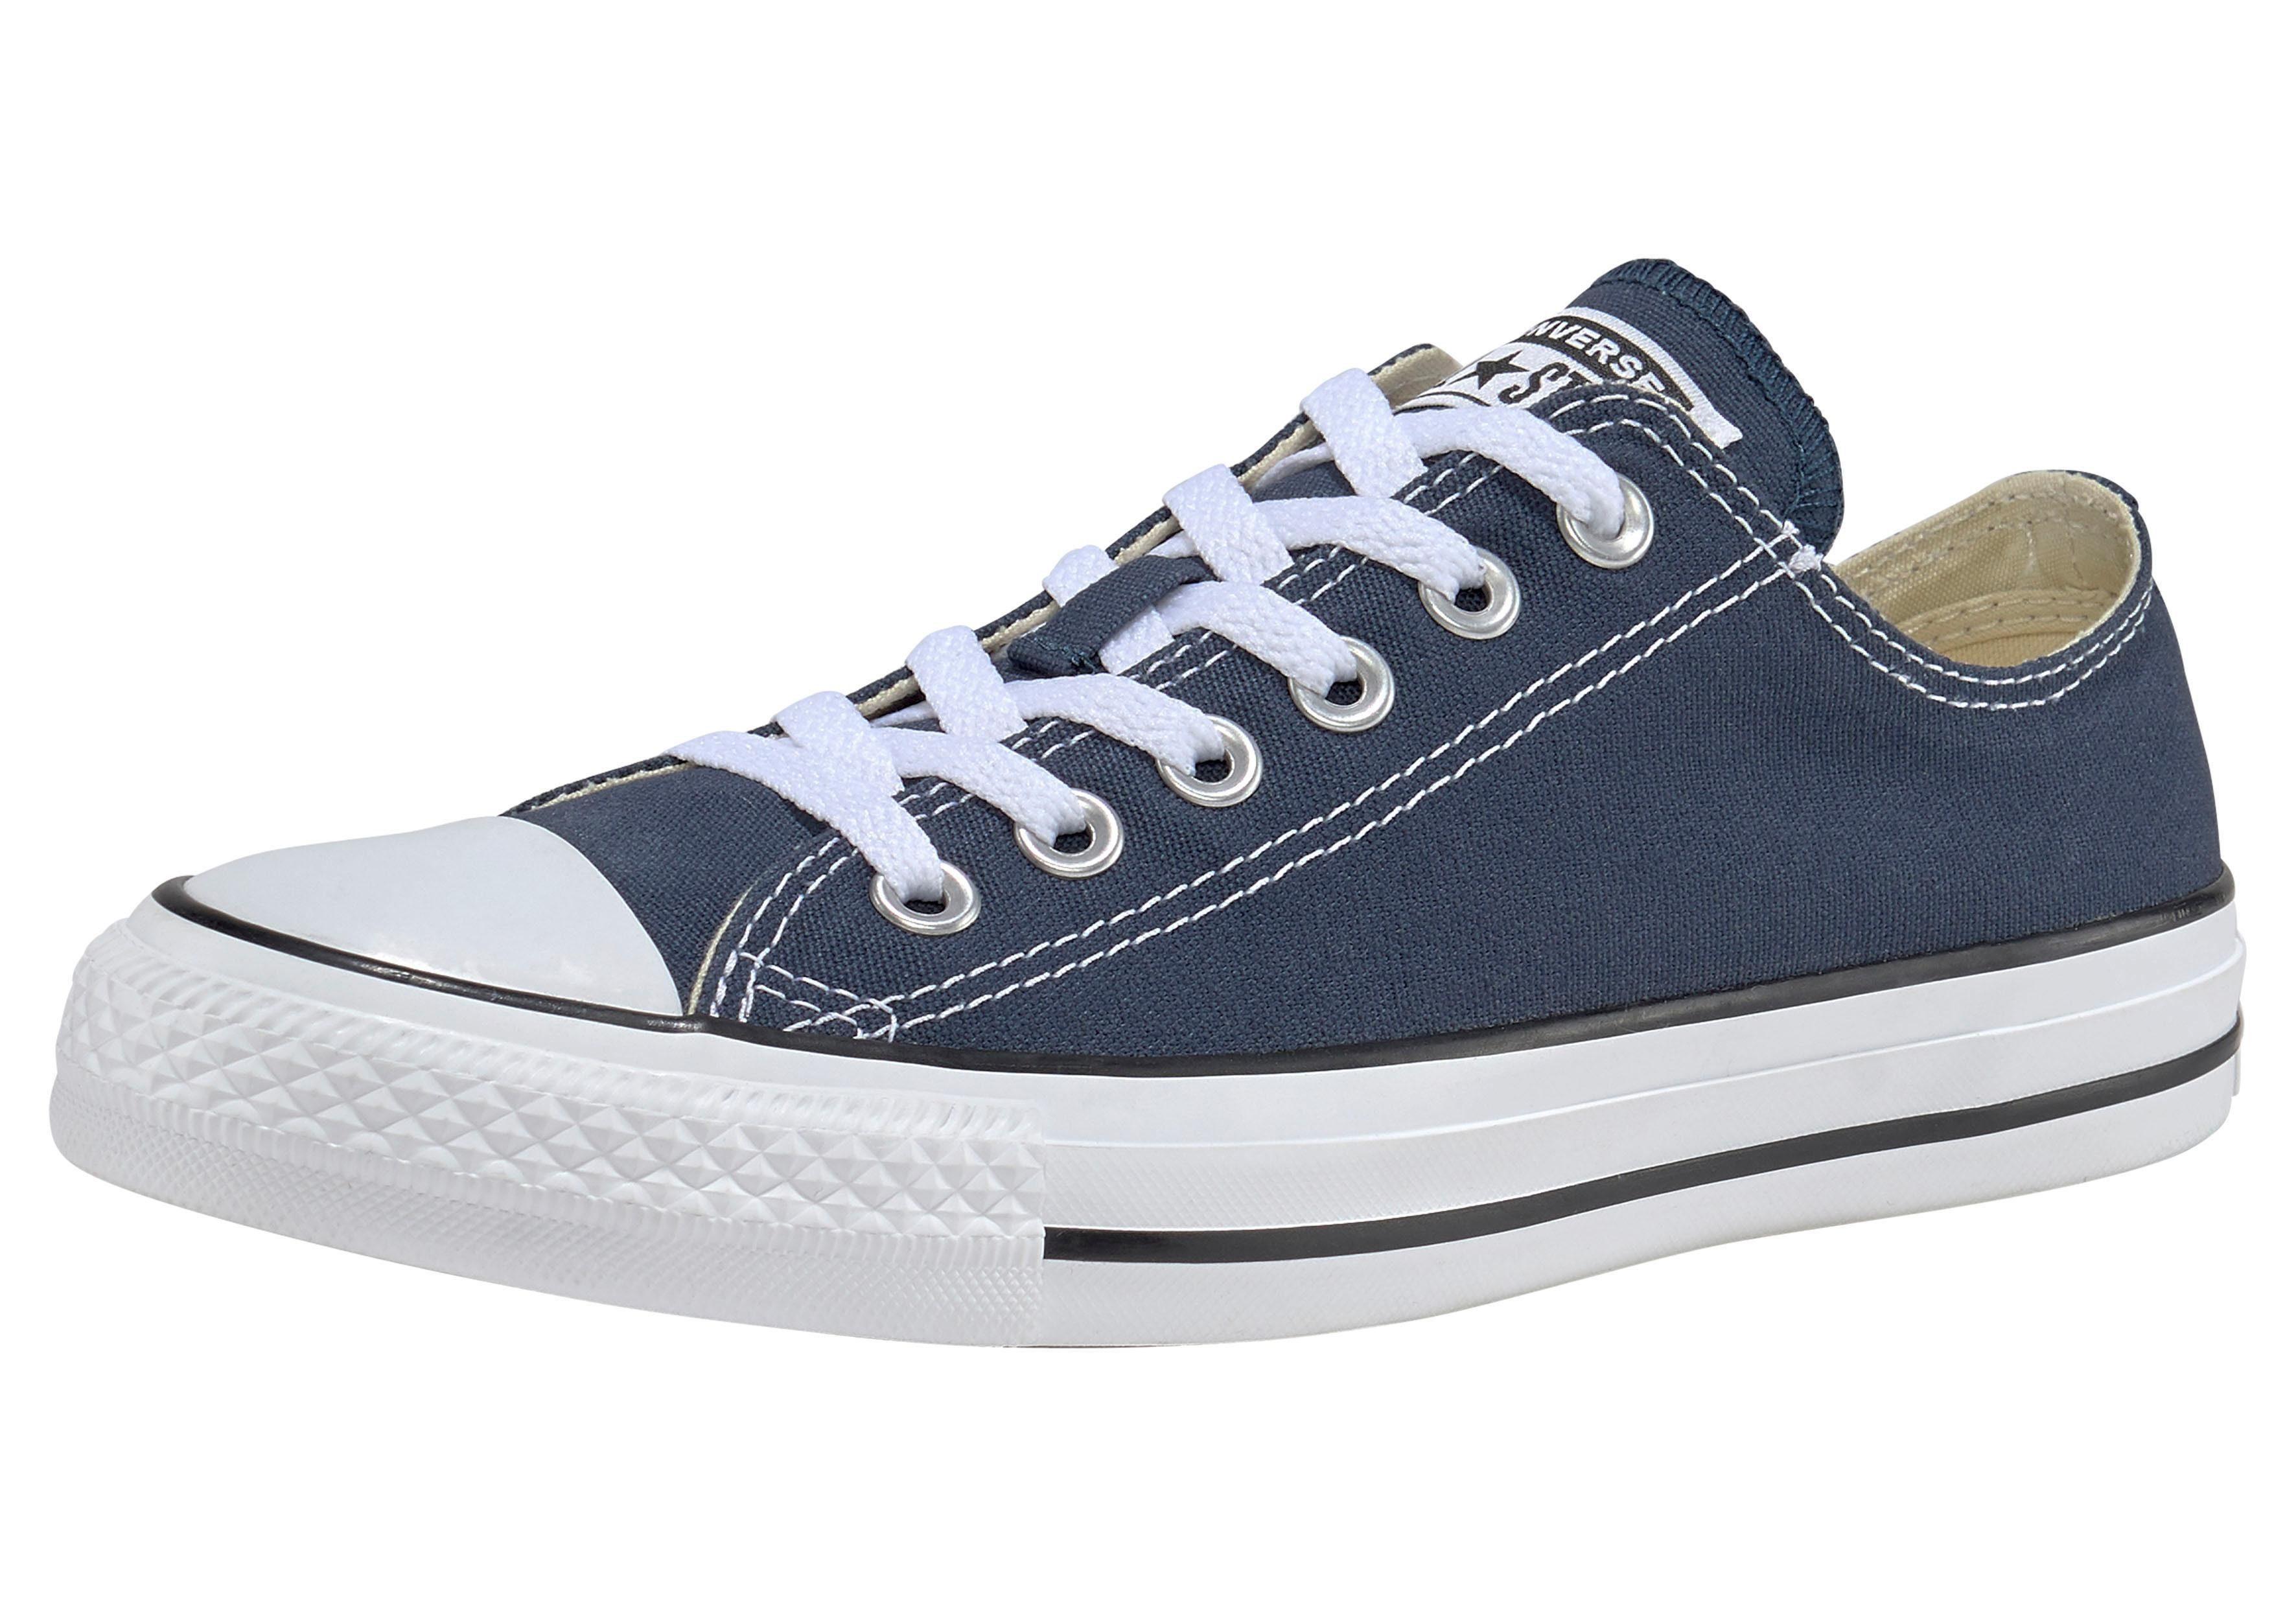 Converse »Chuck Taylor All Star Core Ox« Sneaker, Gummikappe für mehr Tragekomfort online kaufen | OTTO